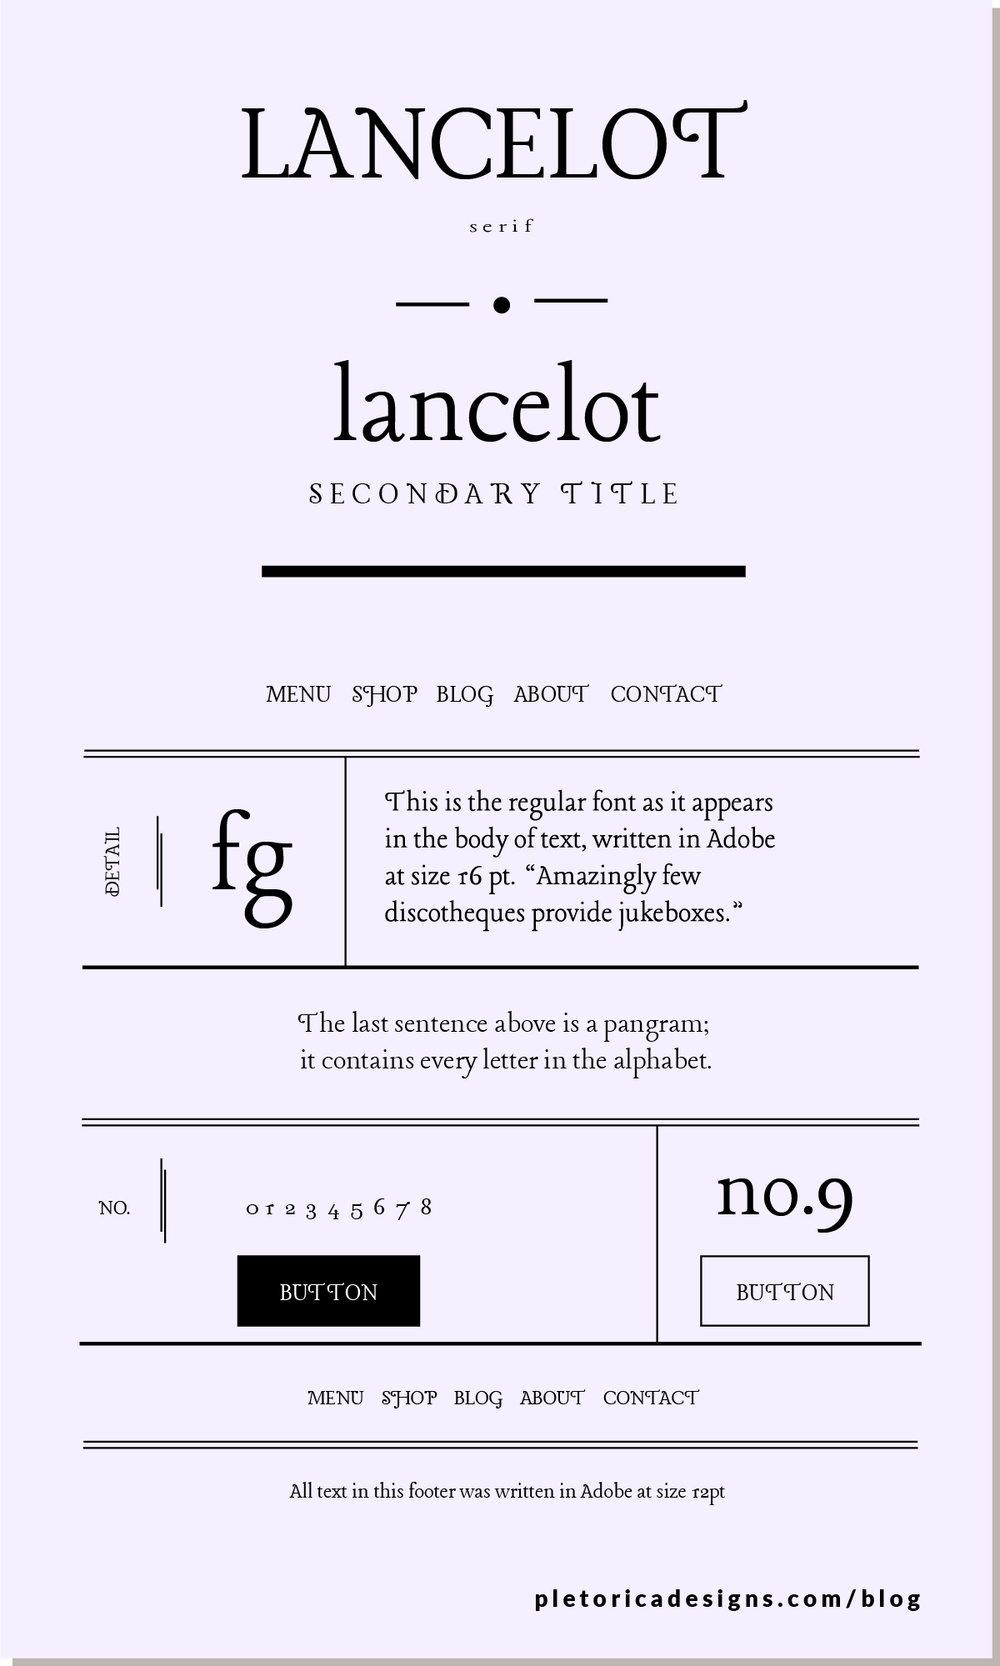 LET'S TYPE: Lancelot — PLETÓRICA DESIGNS